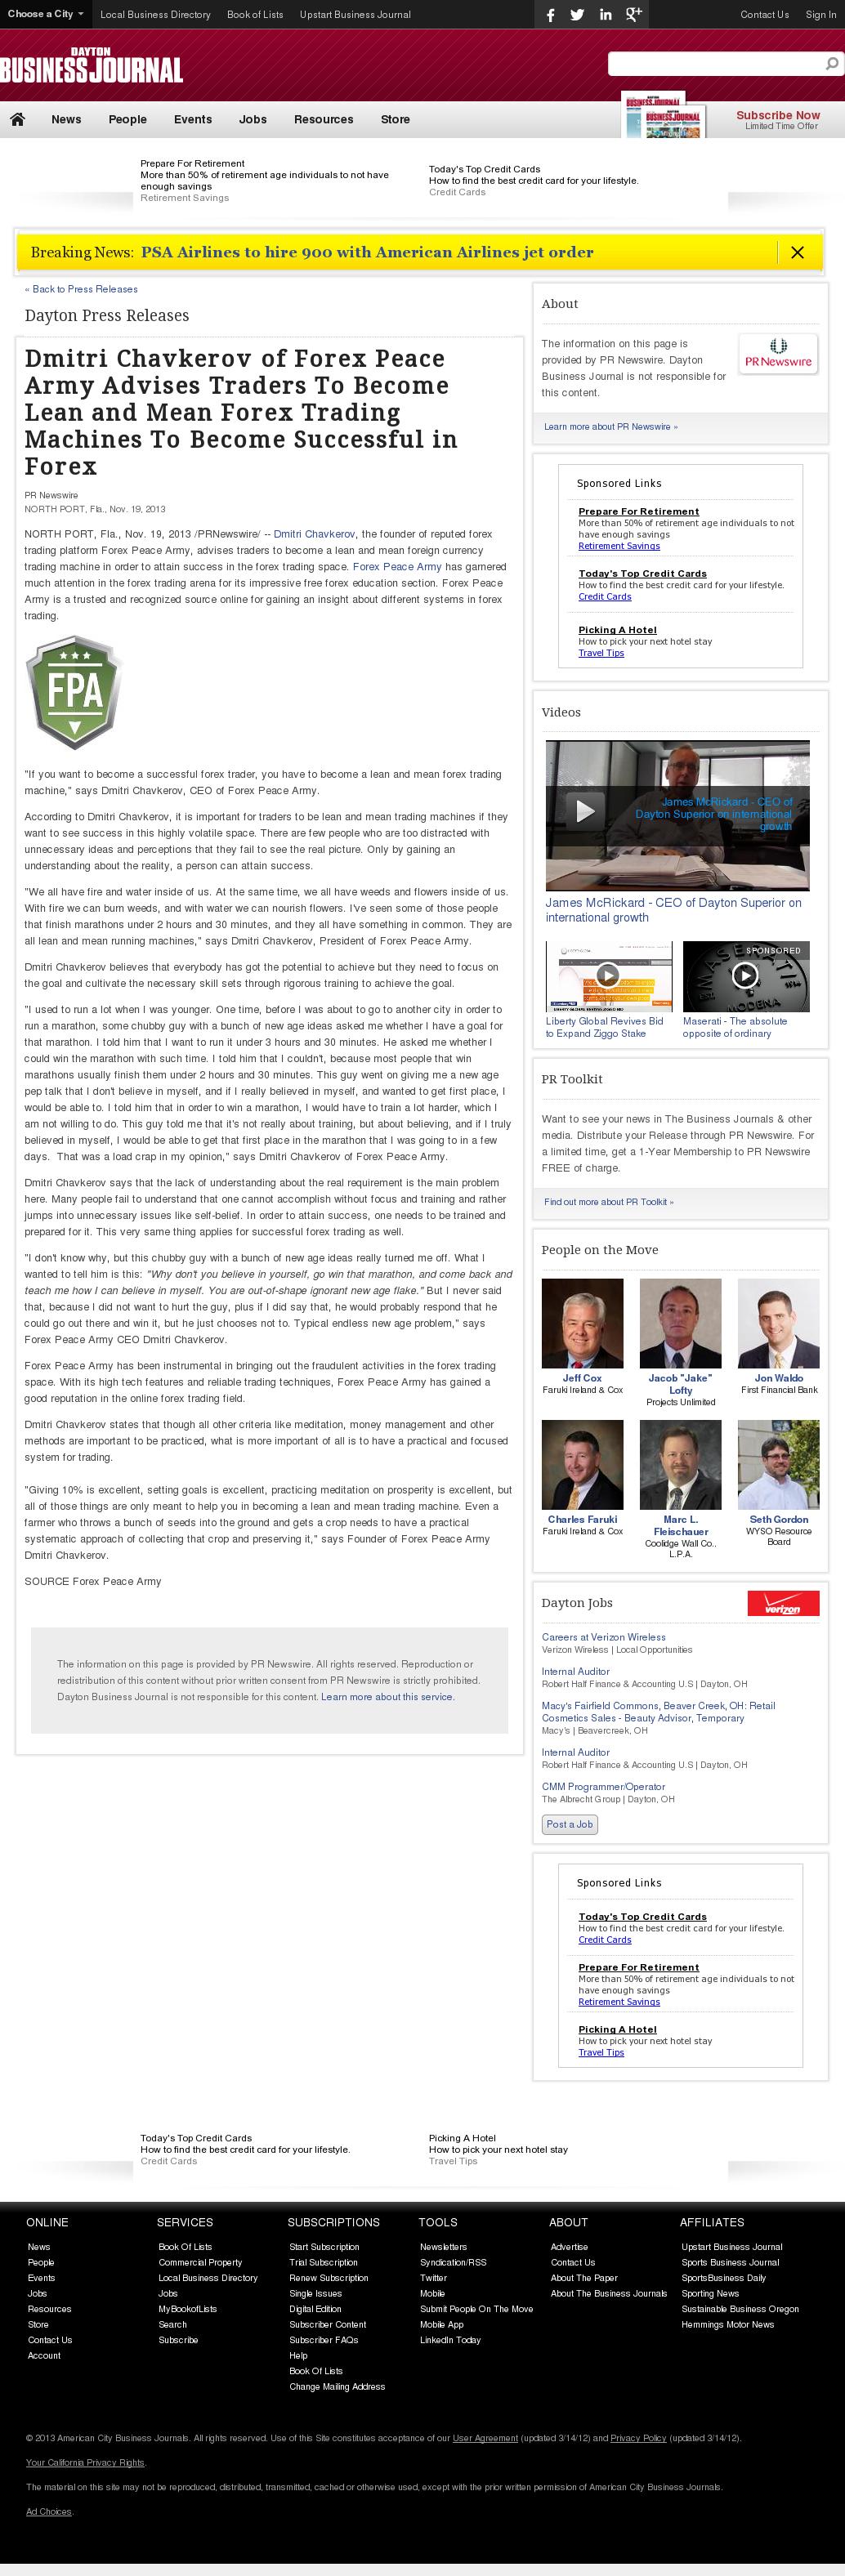 Dmitri Chavkerov - Dayton Business Journal - Lean Forex Trading